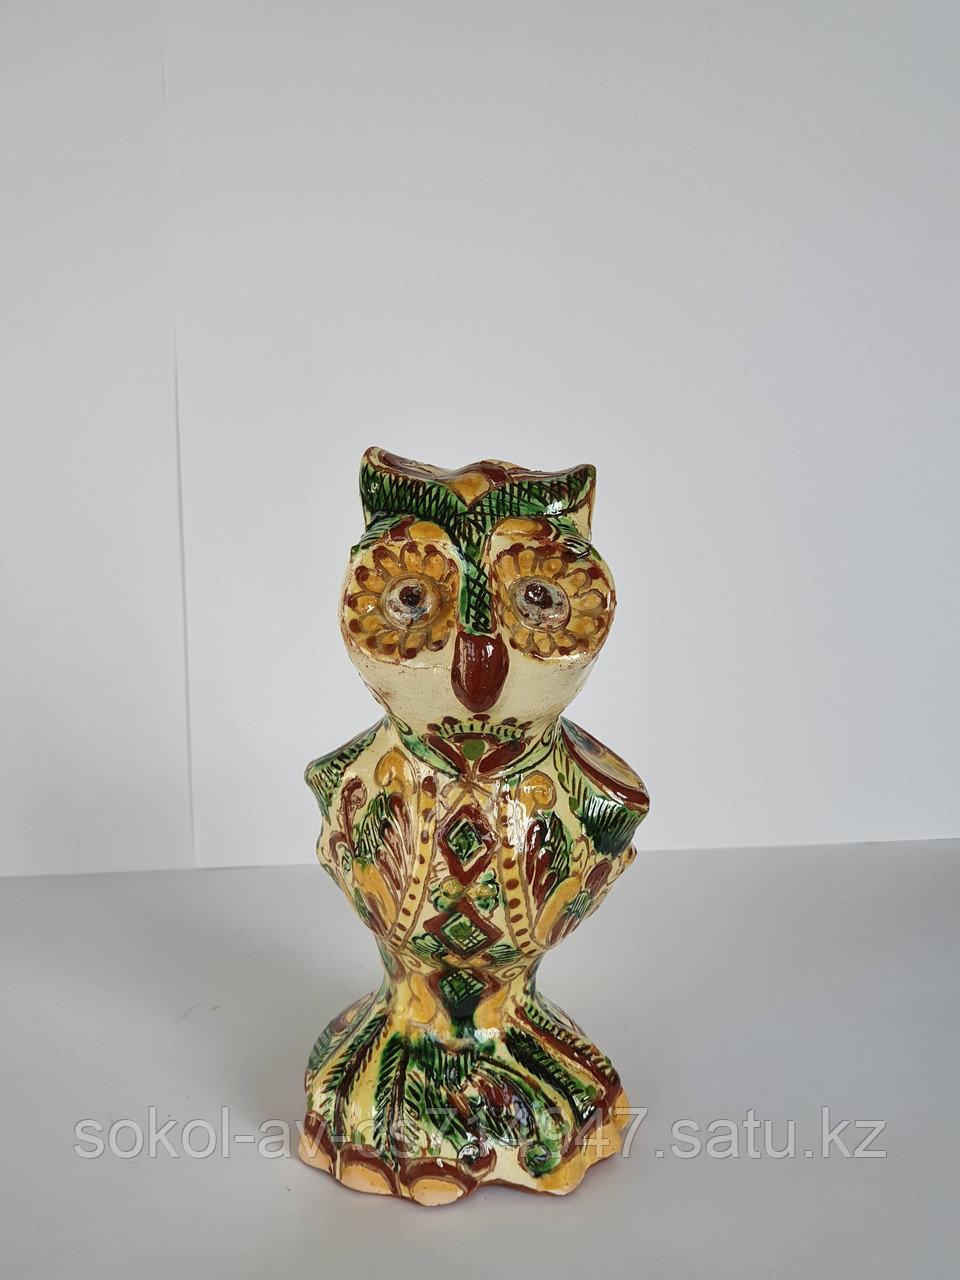 Статуэтка Hand Made Косовская керамика, ручная роспись, Сова, 15 х 19 см